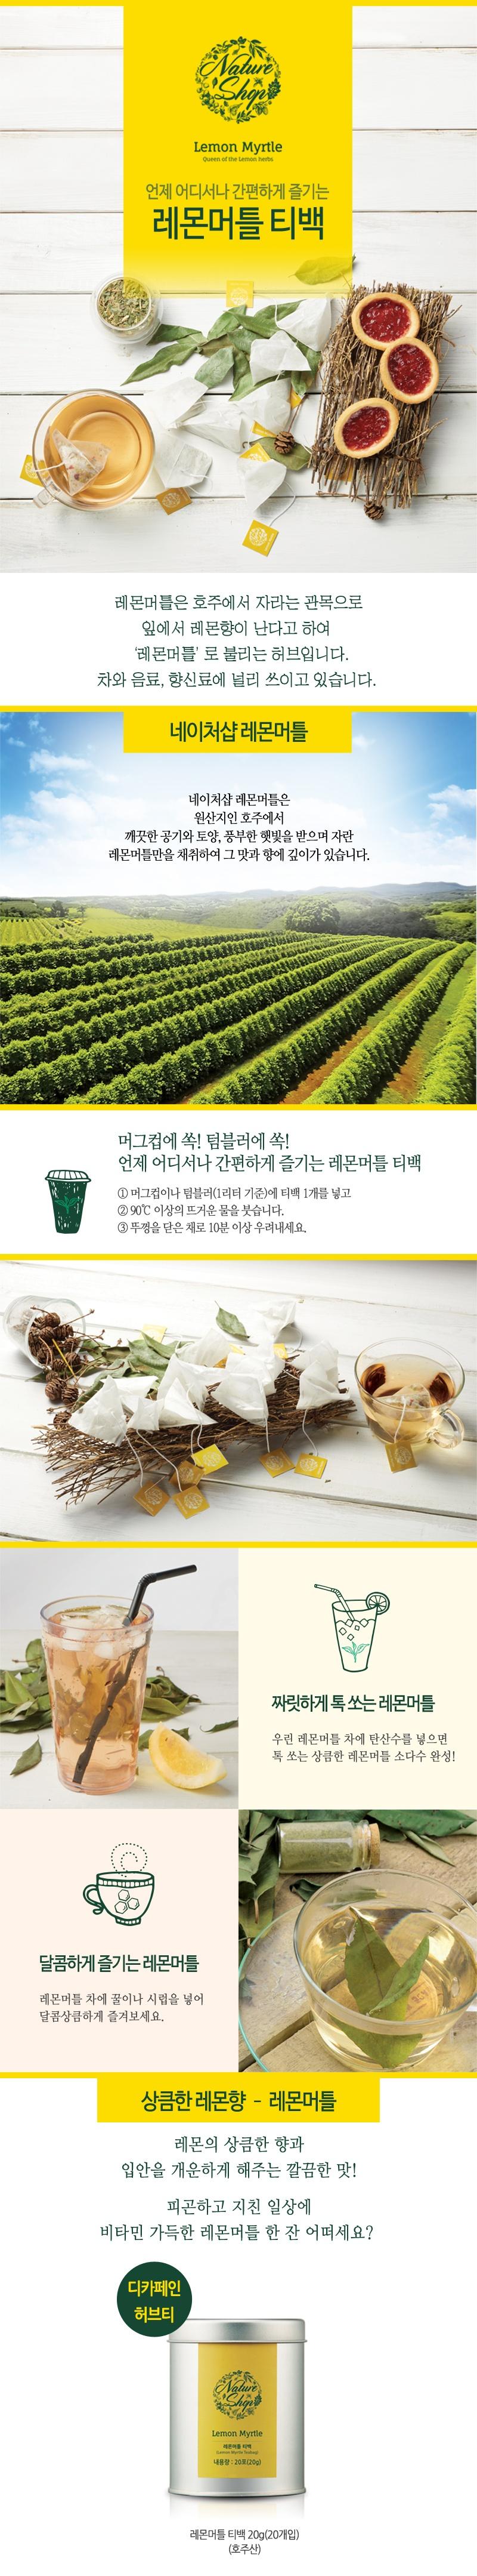 네이처샵 레몬머틀 체험단 모집 (08.22~09.01)